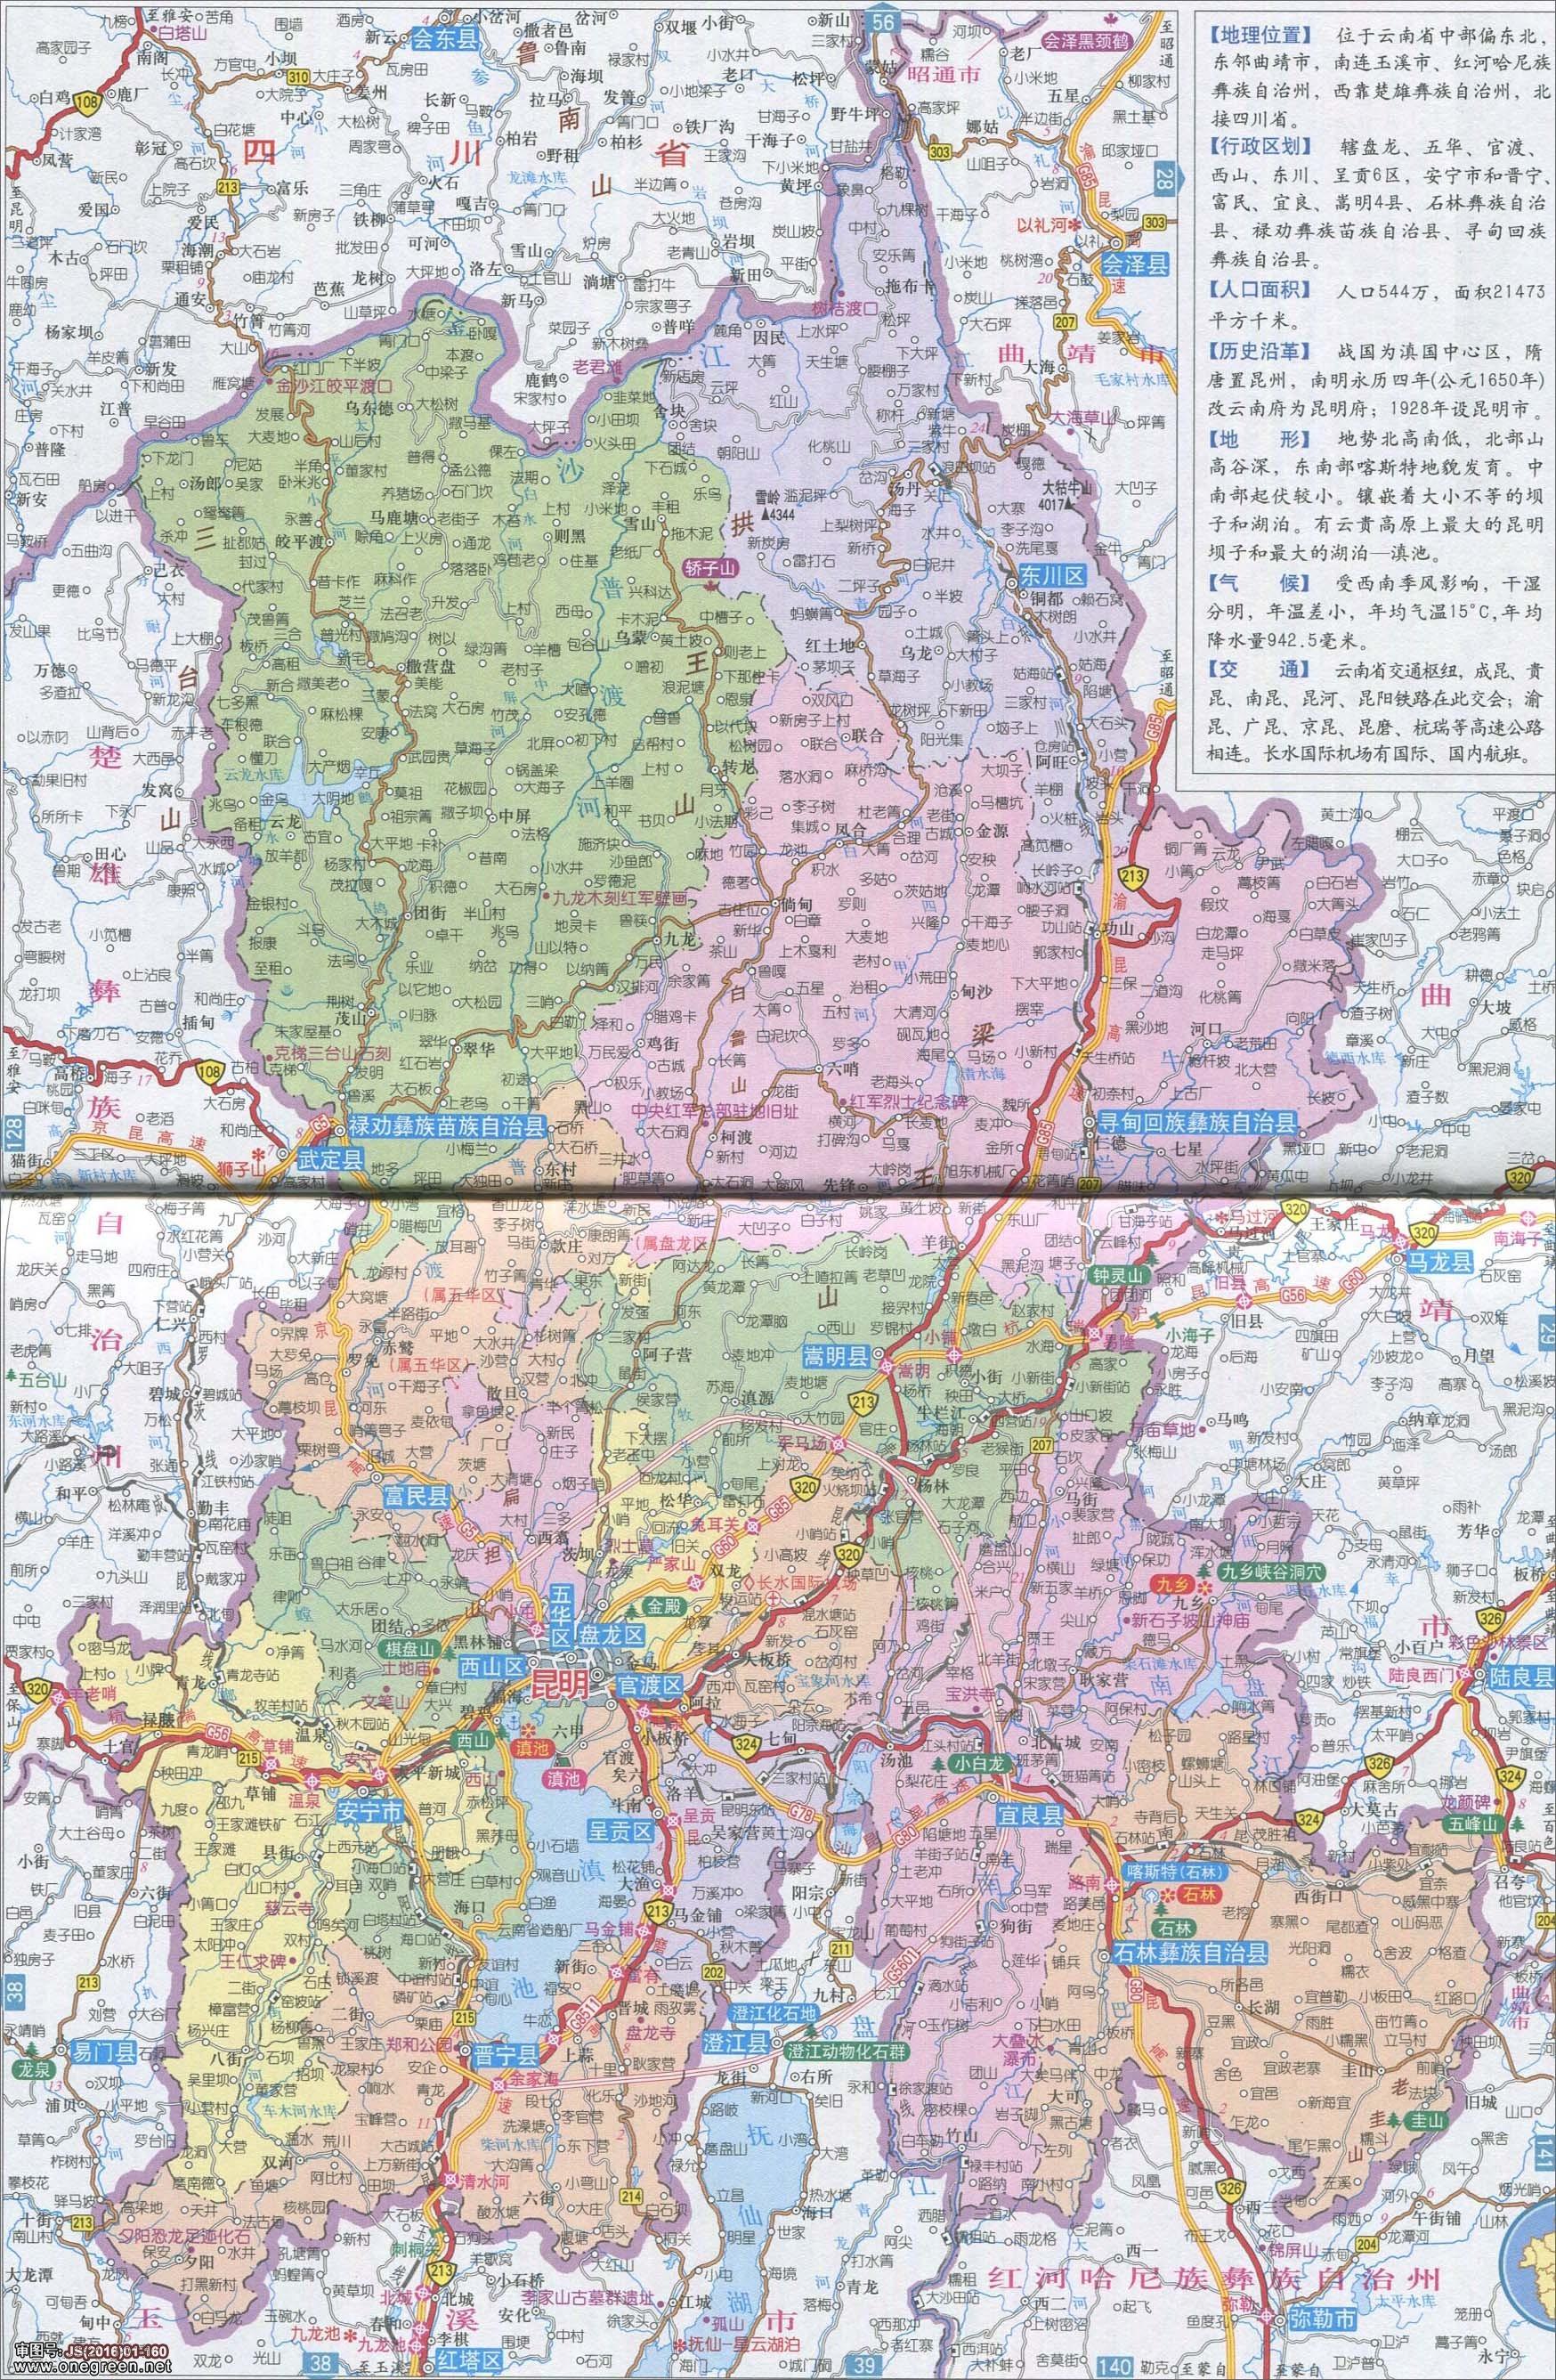 昆明市区地图